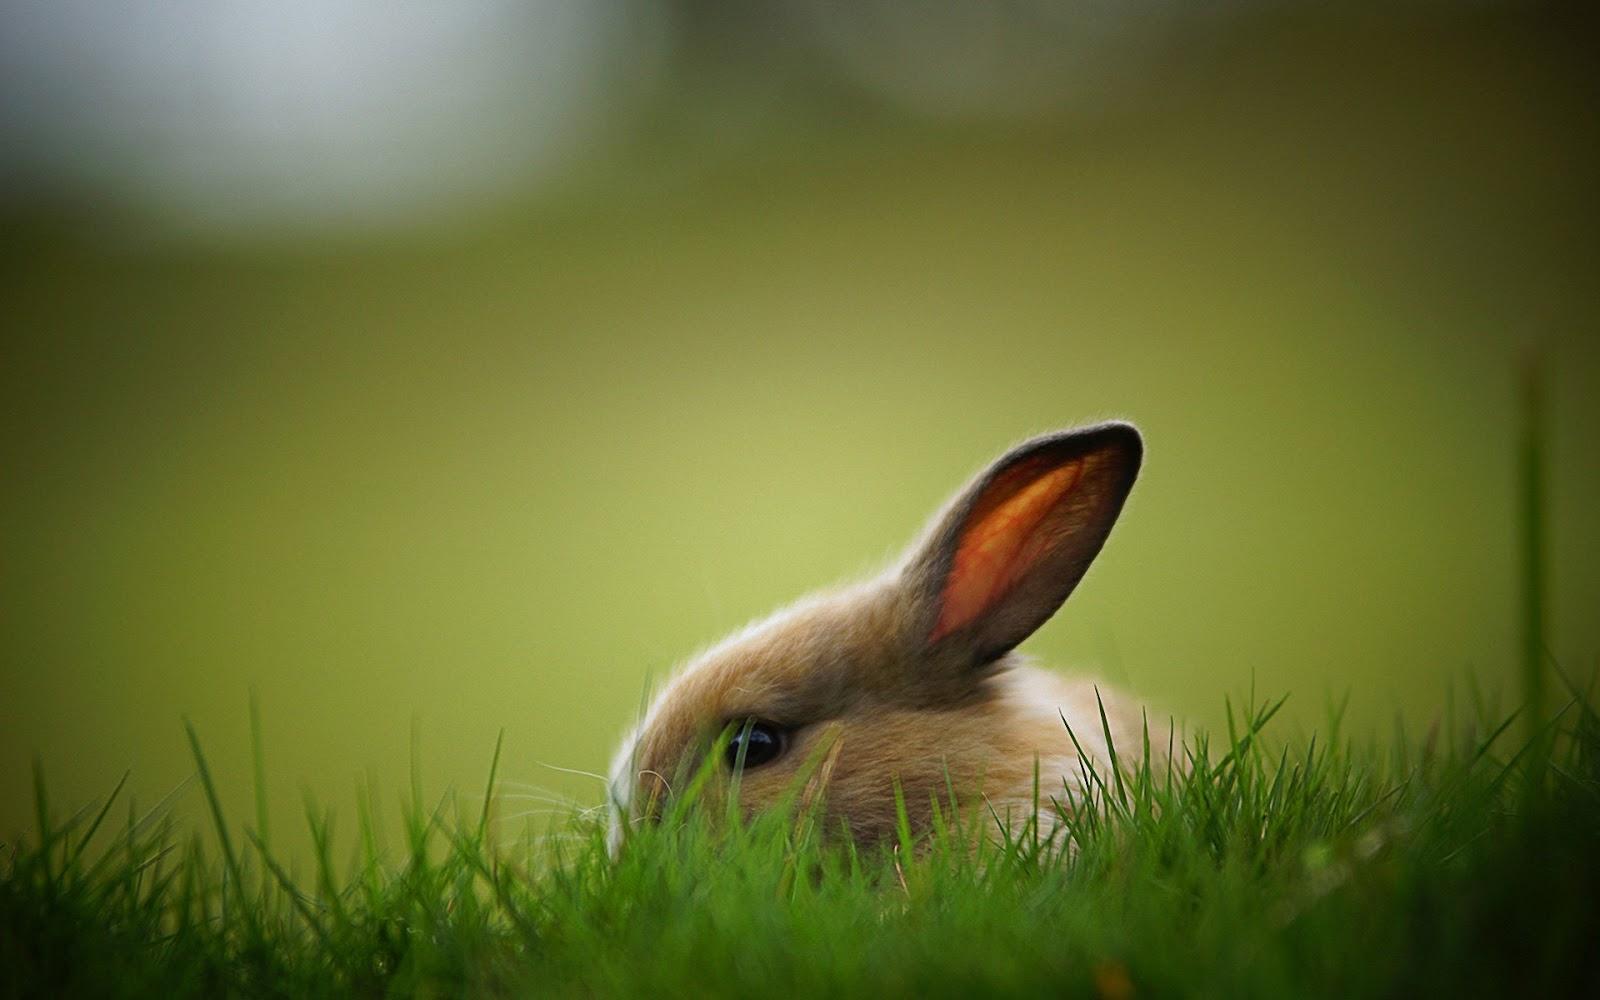 Fondo de Pantalla Animales Conejo | Imagenes ZT - Descarga